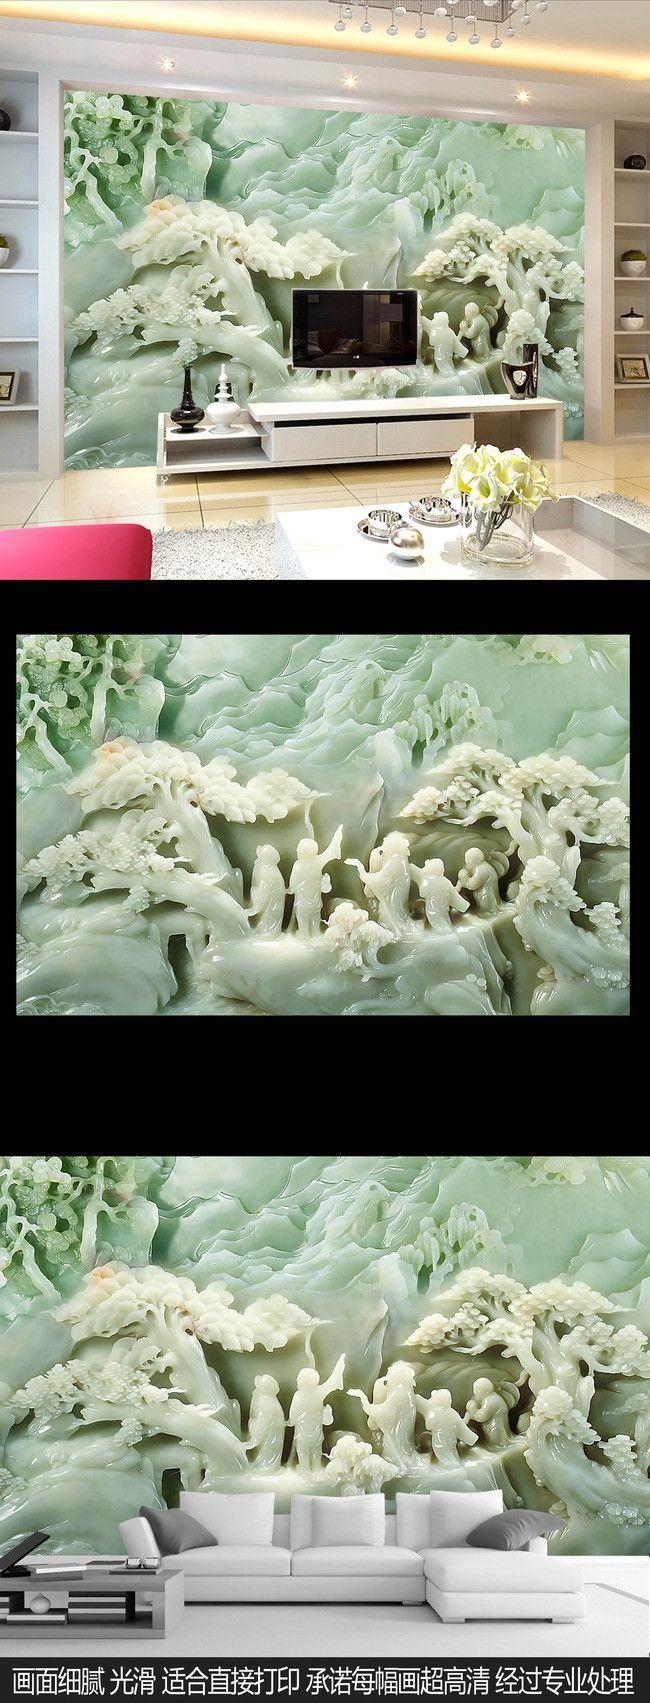 电视背景墙绘画囹�a_玉雕山水电视背景墙壁画高清图片下载(图片编号12591180)玉雕电视